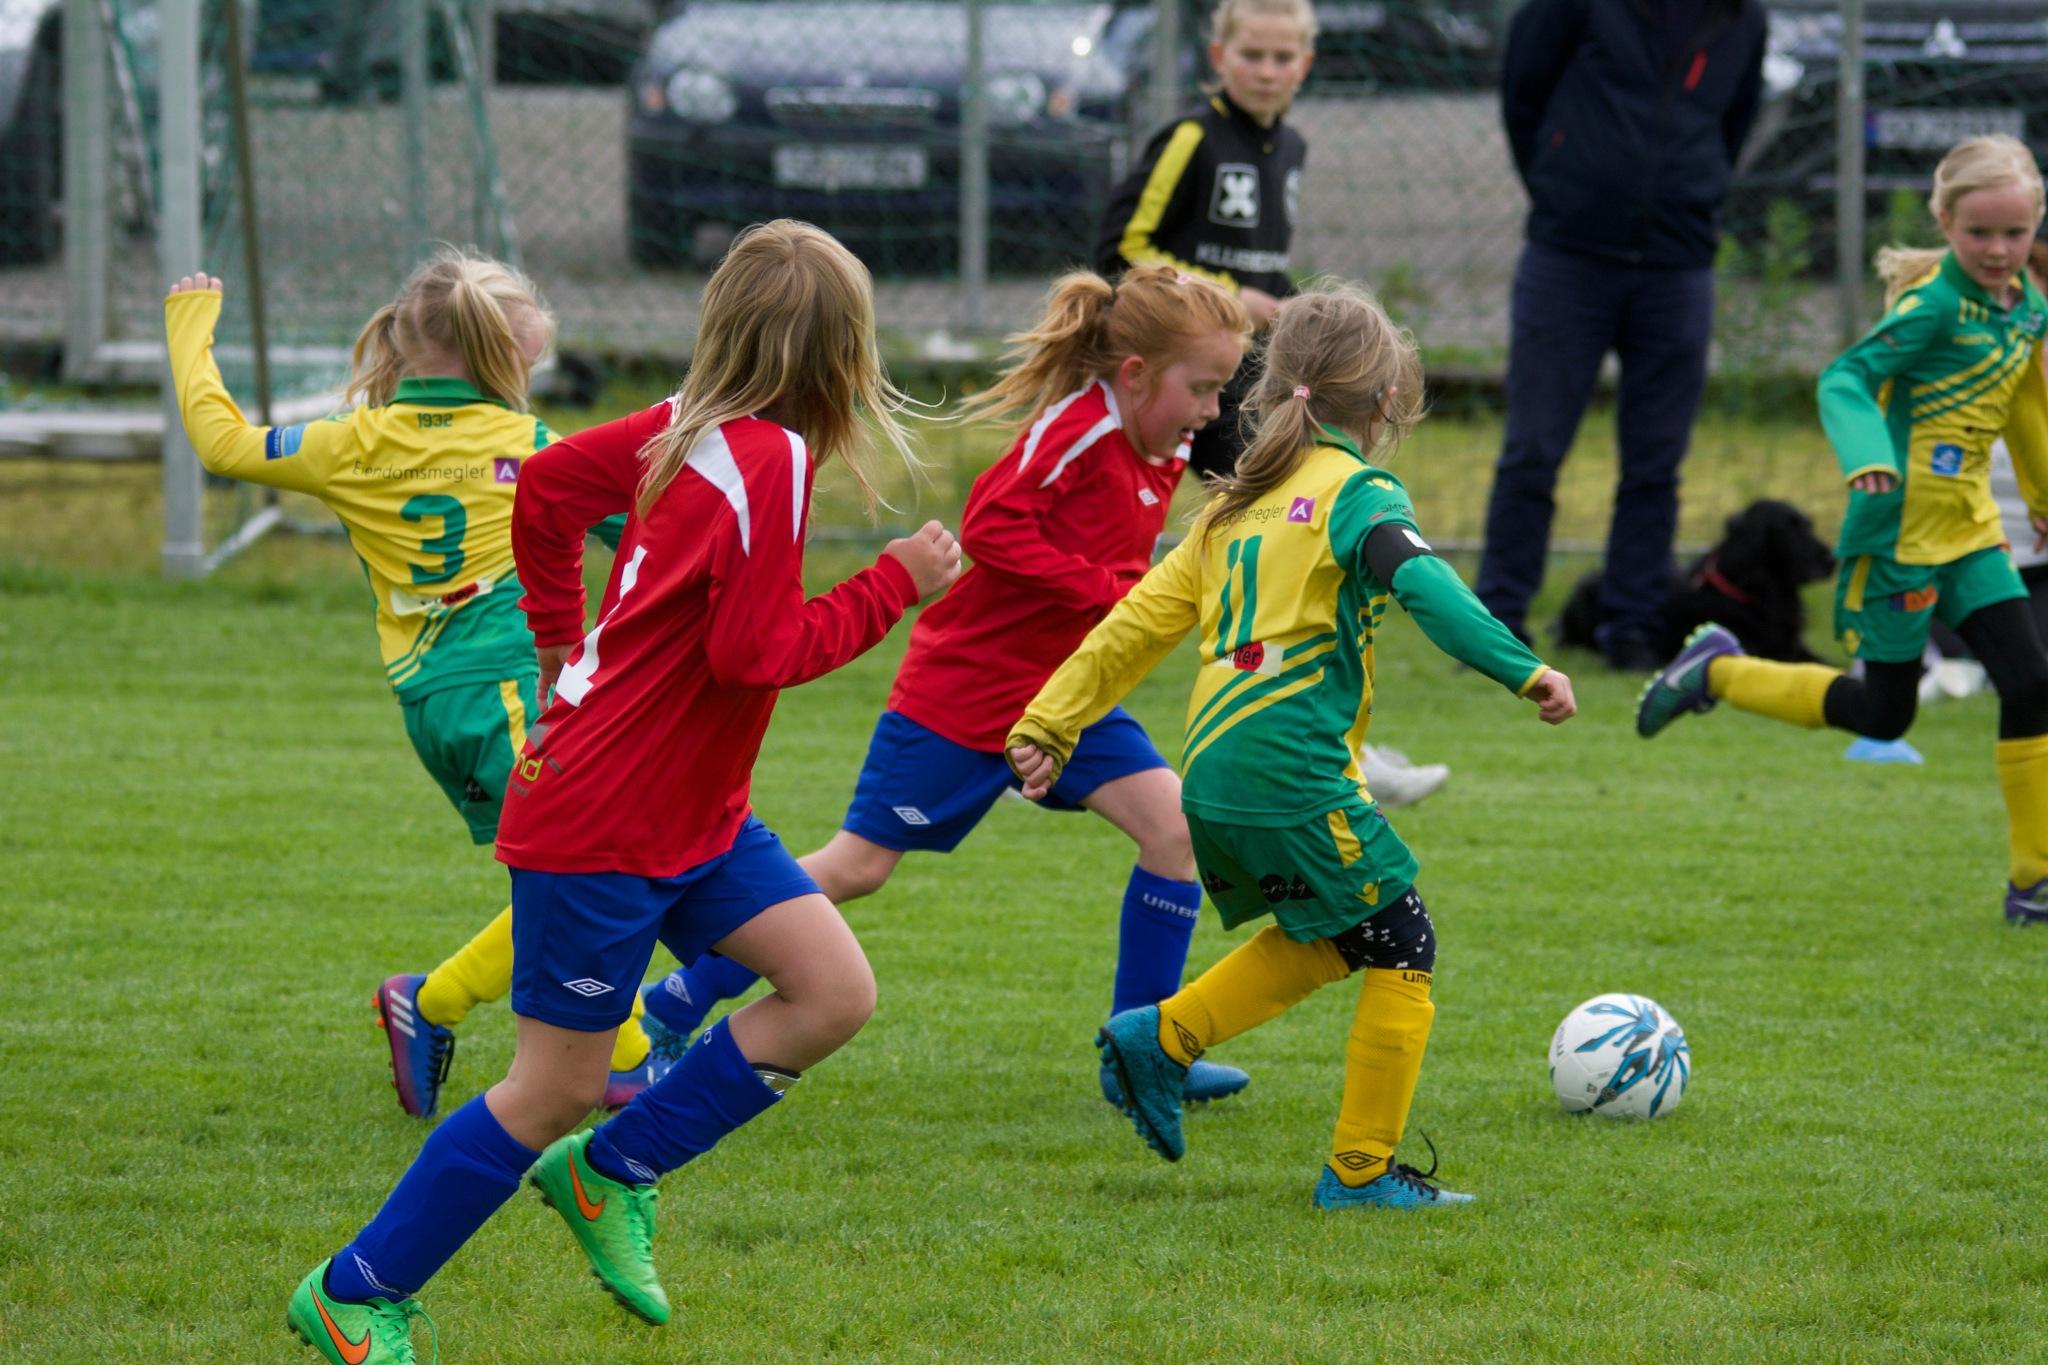 Girlie Football 1.001 by Lars-Toralf Utnes Storstrand